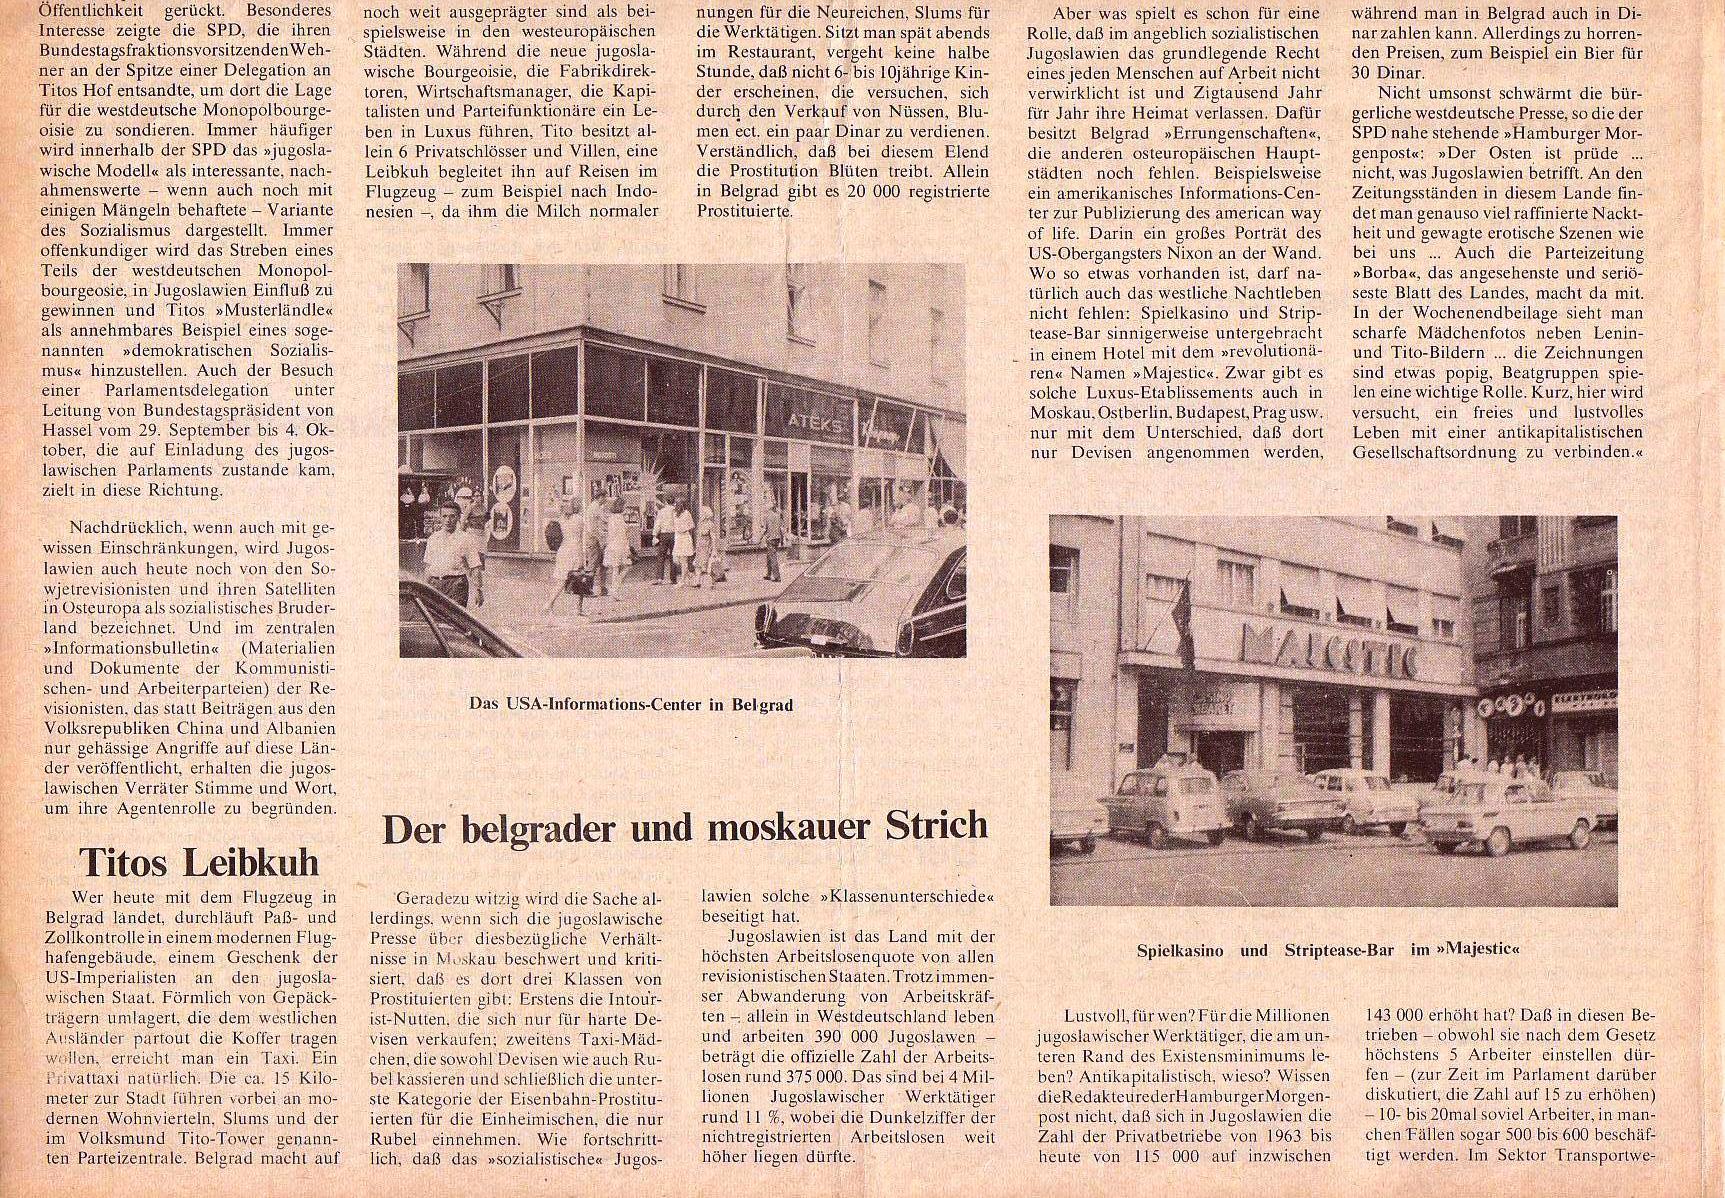 Roter Morgen, 4. Jg., Oktober 1970, Nr. 9, Seite 4b